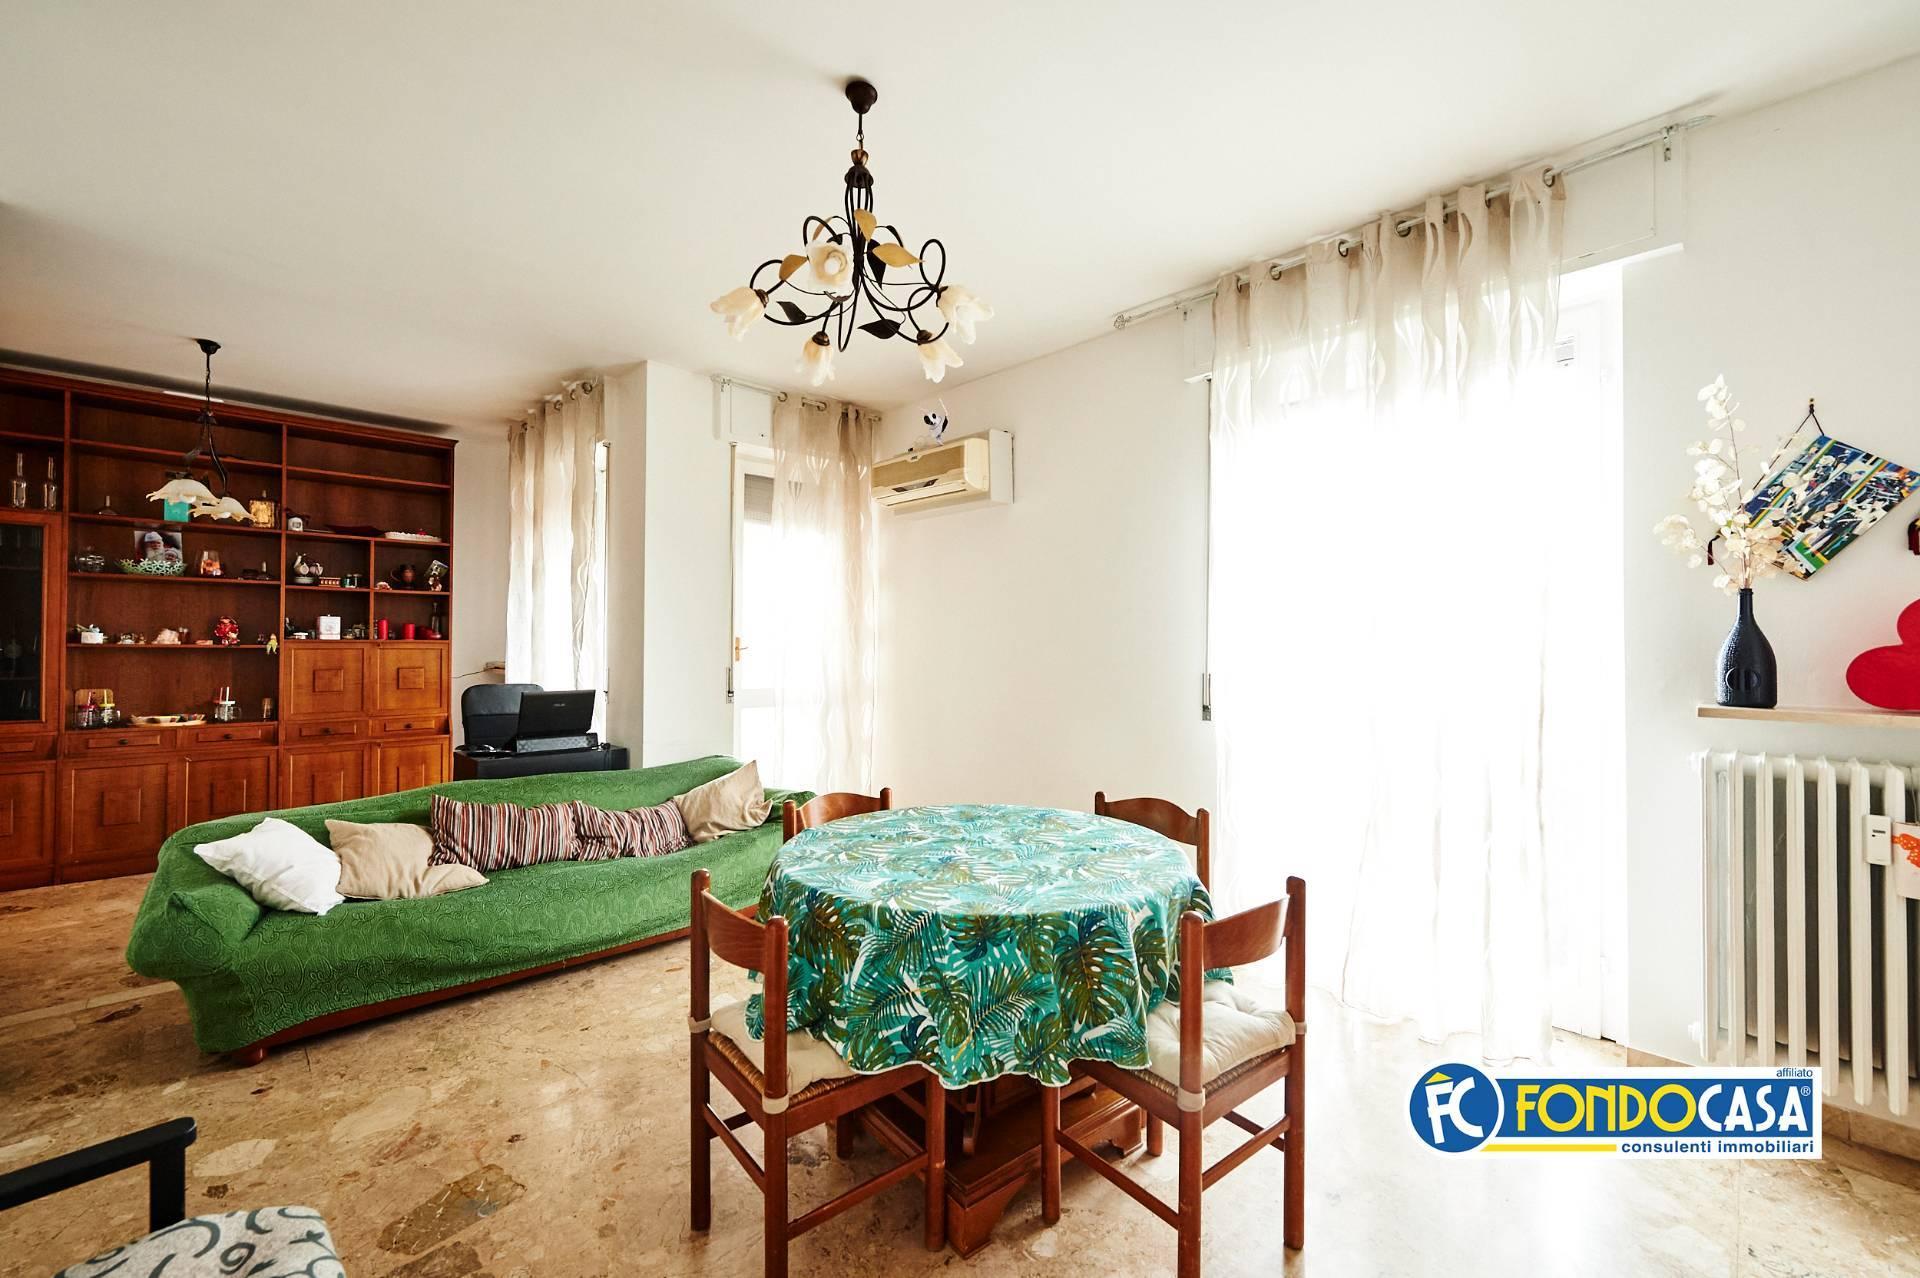 Appartamento in vendita a Trezzano sul Naviglio, 3 locali, prezzo € 165.000 | CambioCasa.it